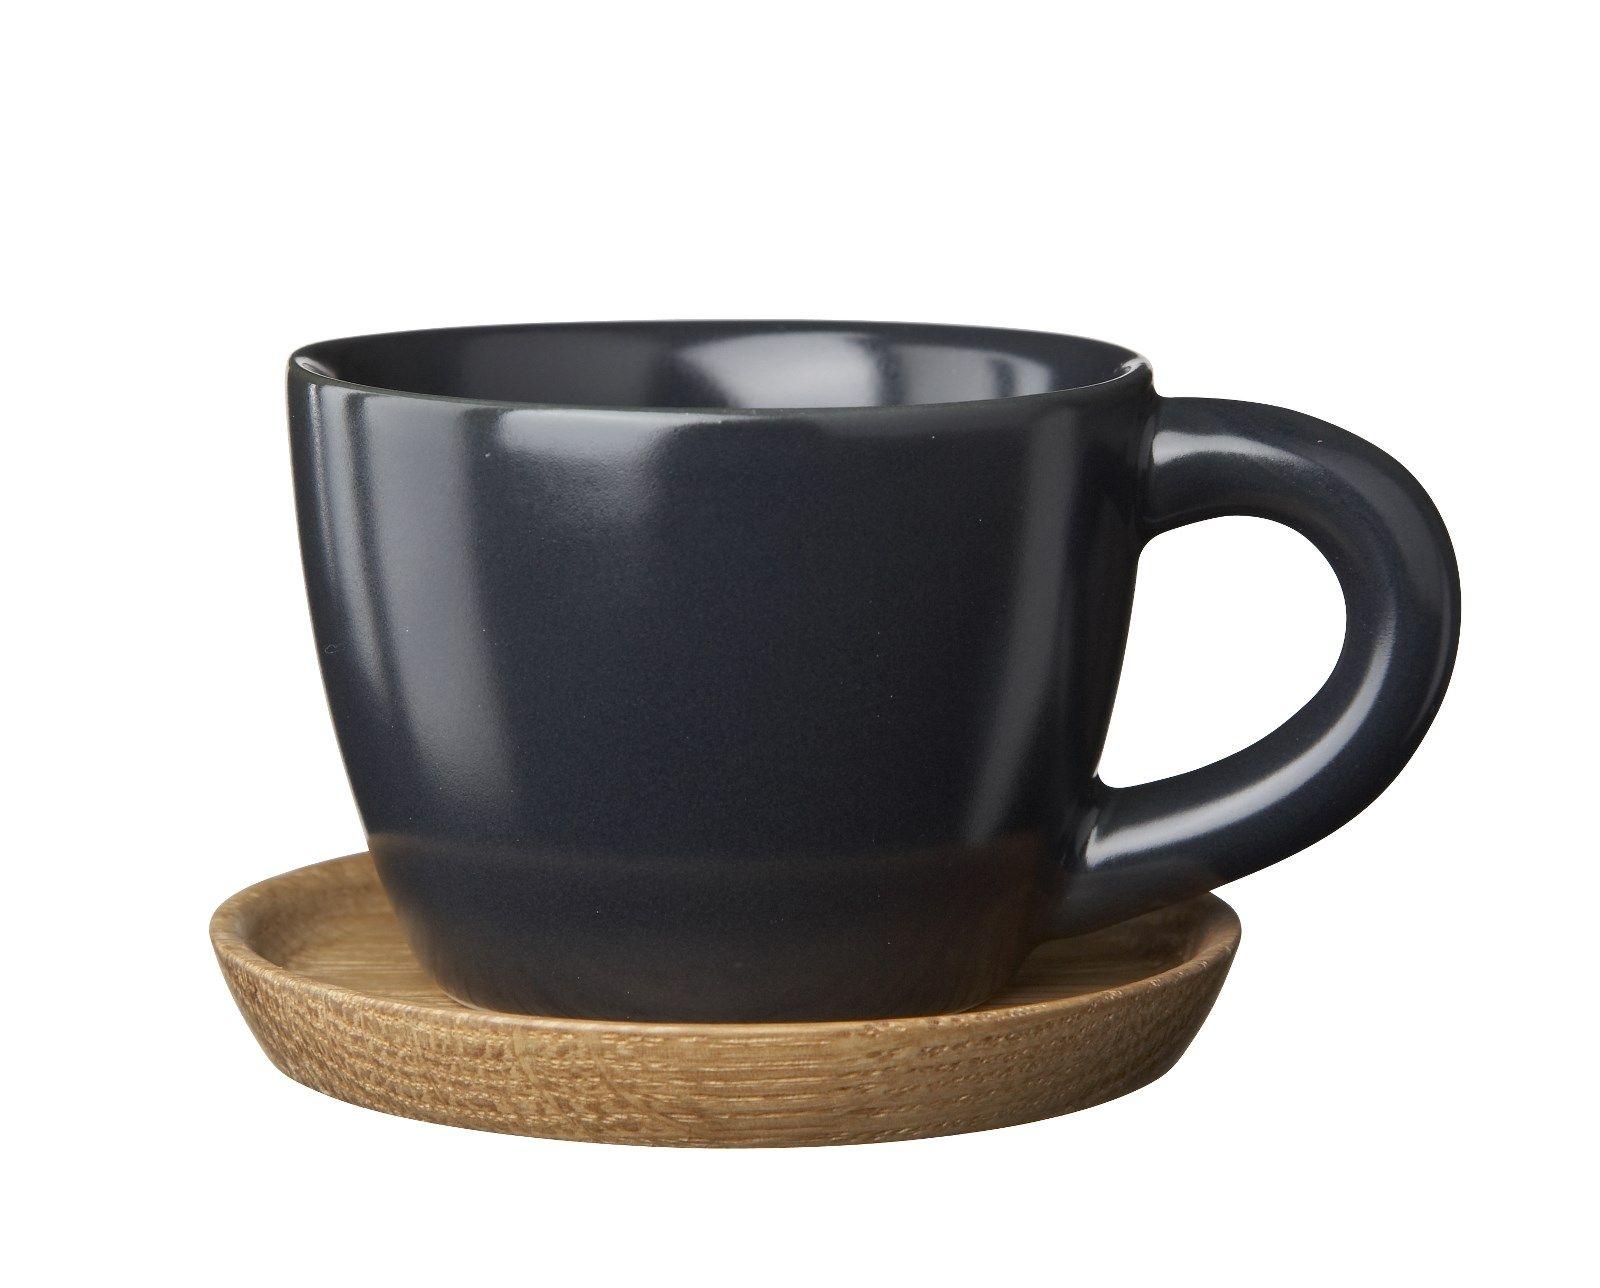 Osta HK Espressokuppi 10 cl, Grafiitinharmaa puualustalla - Rörstrand Kitchentimen verkkokaupasta